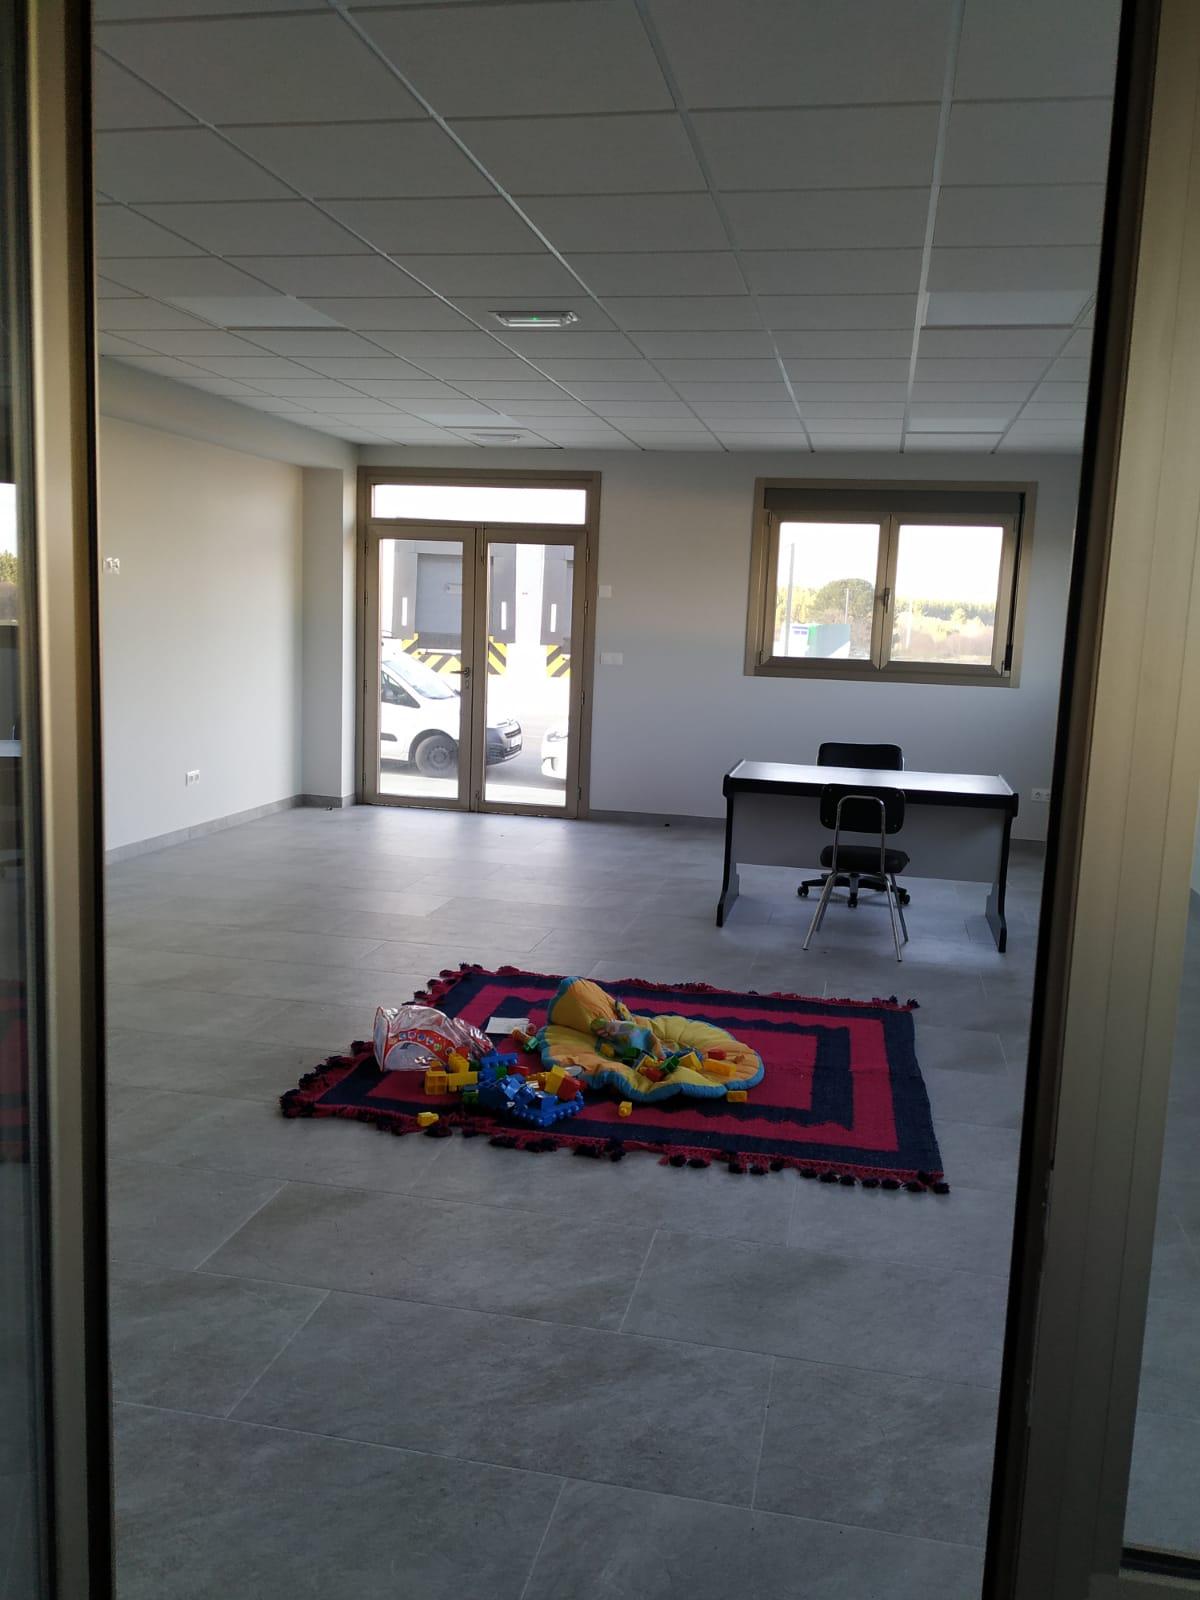 34776 – Local en alquiler en Friol acondicionado